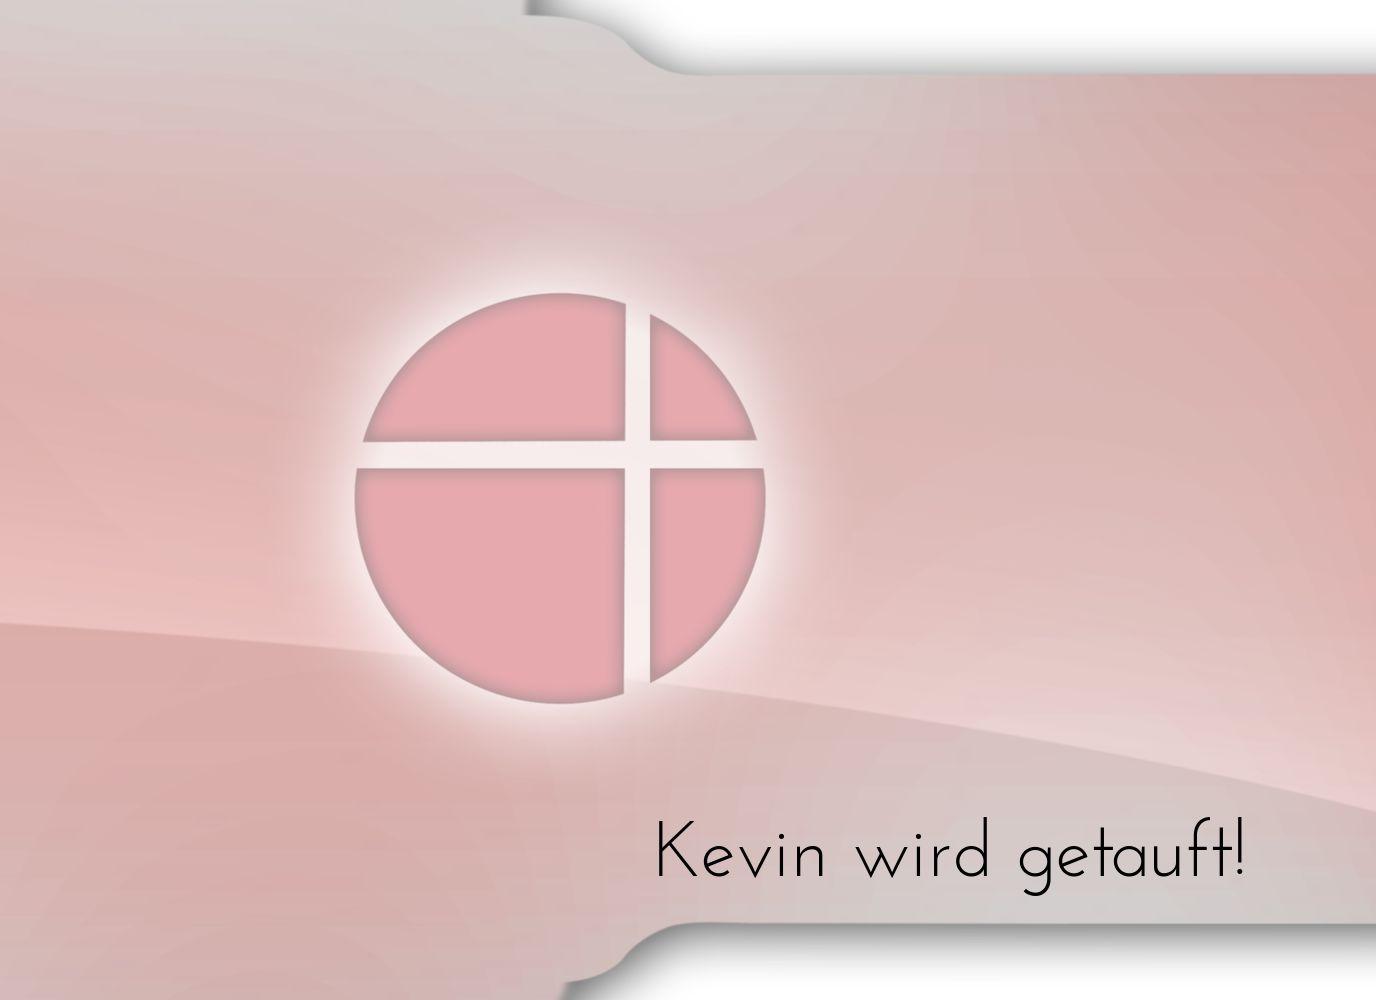 Ansicht 4 - Taufkarte Spiegelung